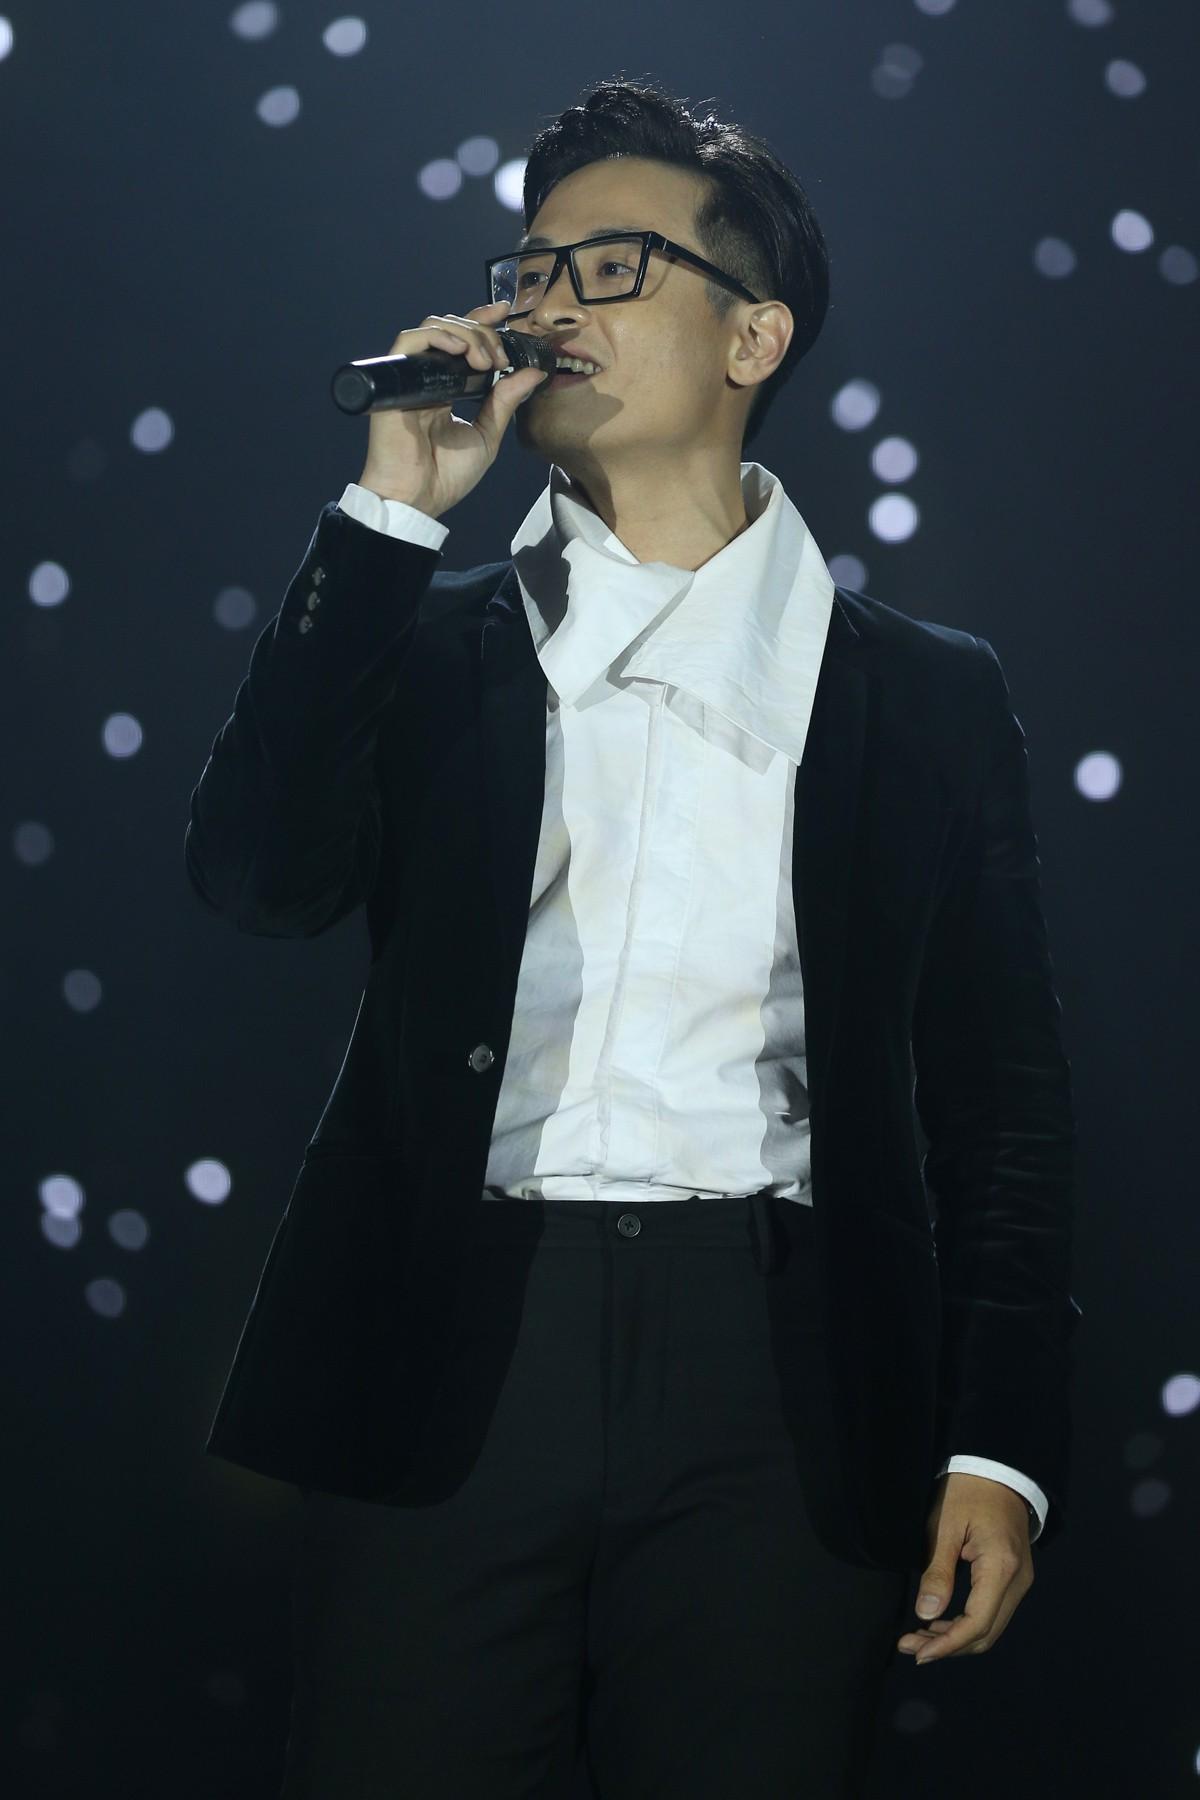 Hà Anh Tuấn tái hợp Hồ Ngọc Hà sau 4 năm, gây thổn thức khi đổi hit của nhau - Ảnh 4.